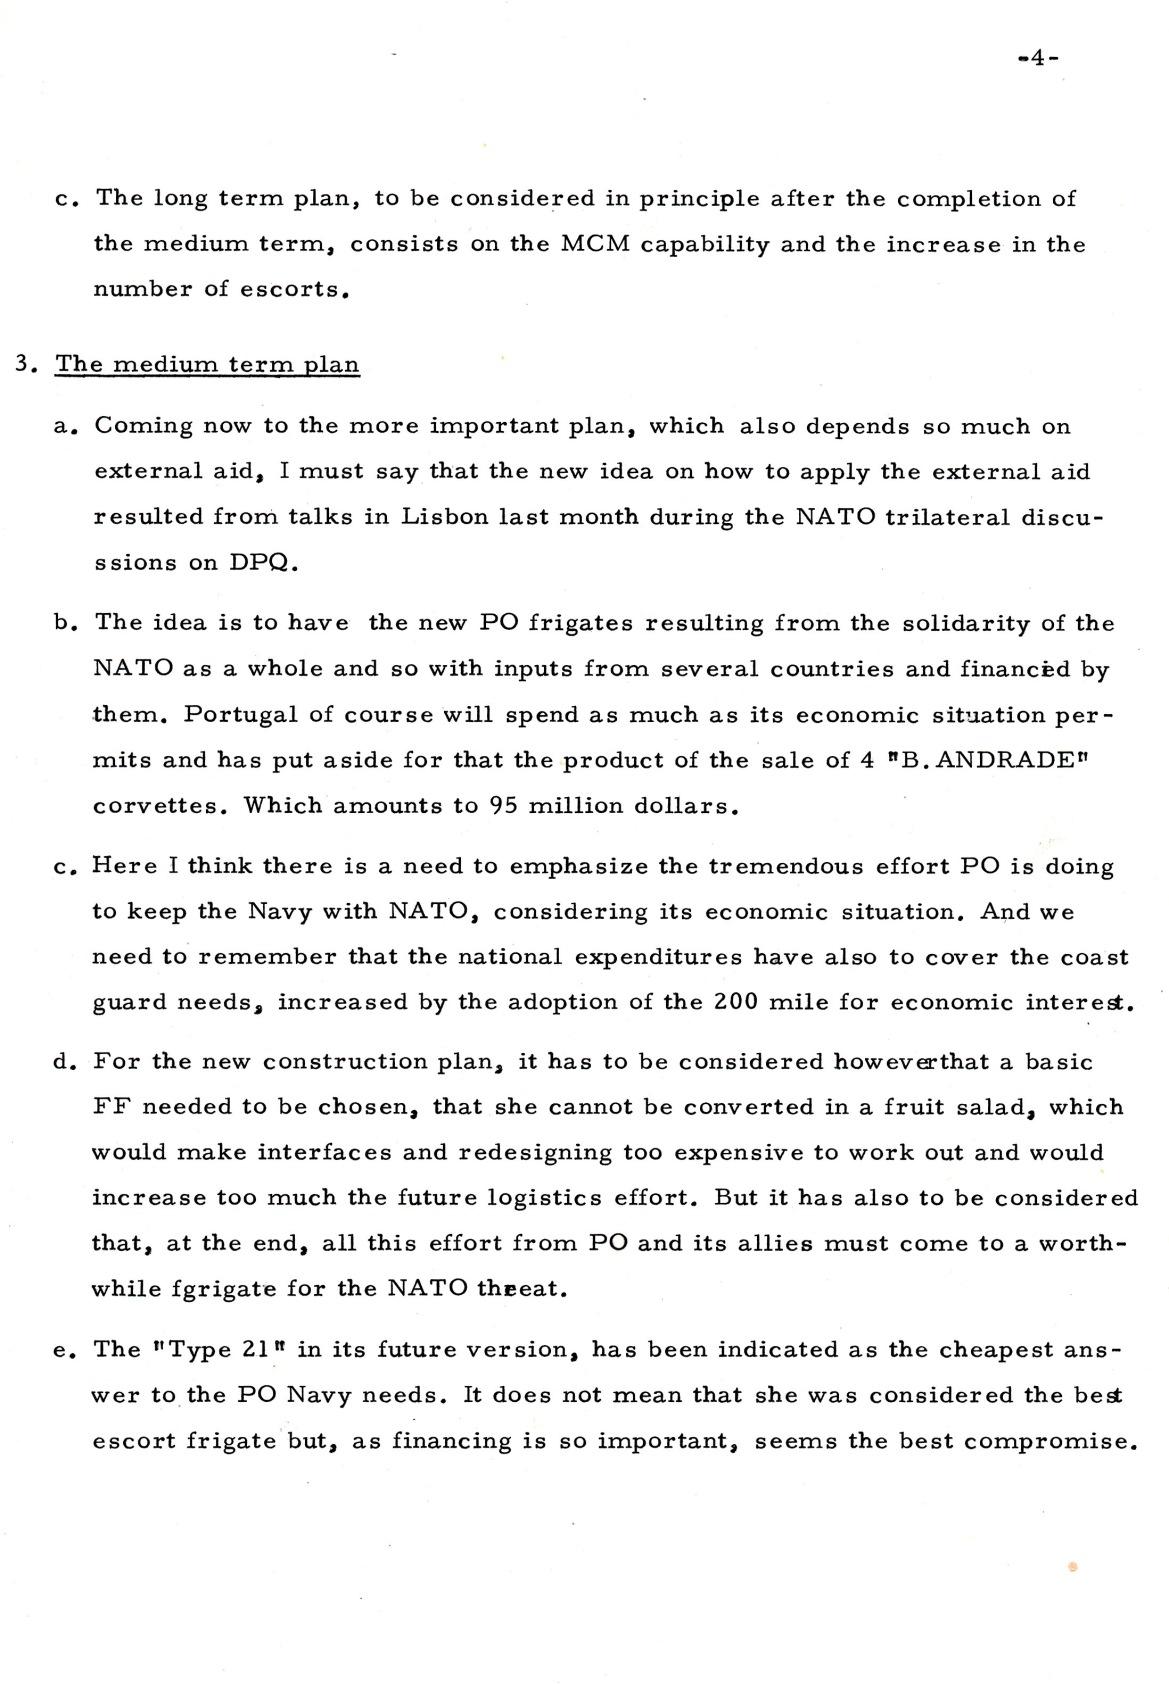 00875 977-12-12 Briefing do CAlm Nunes da Silva ao Sub Secretário da Defesa dos EUA Mr Sienna sobre o meu plano naval -pg 4